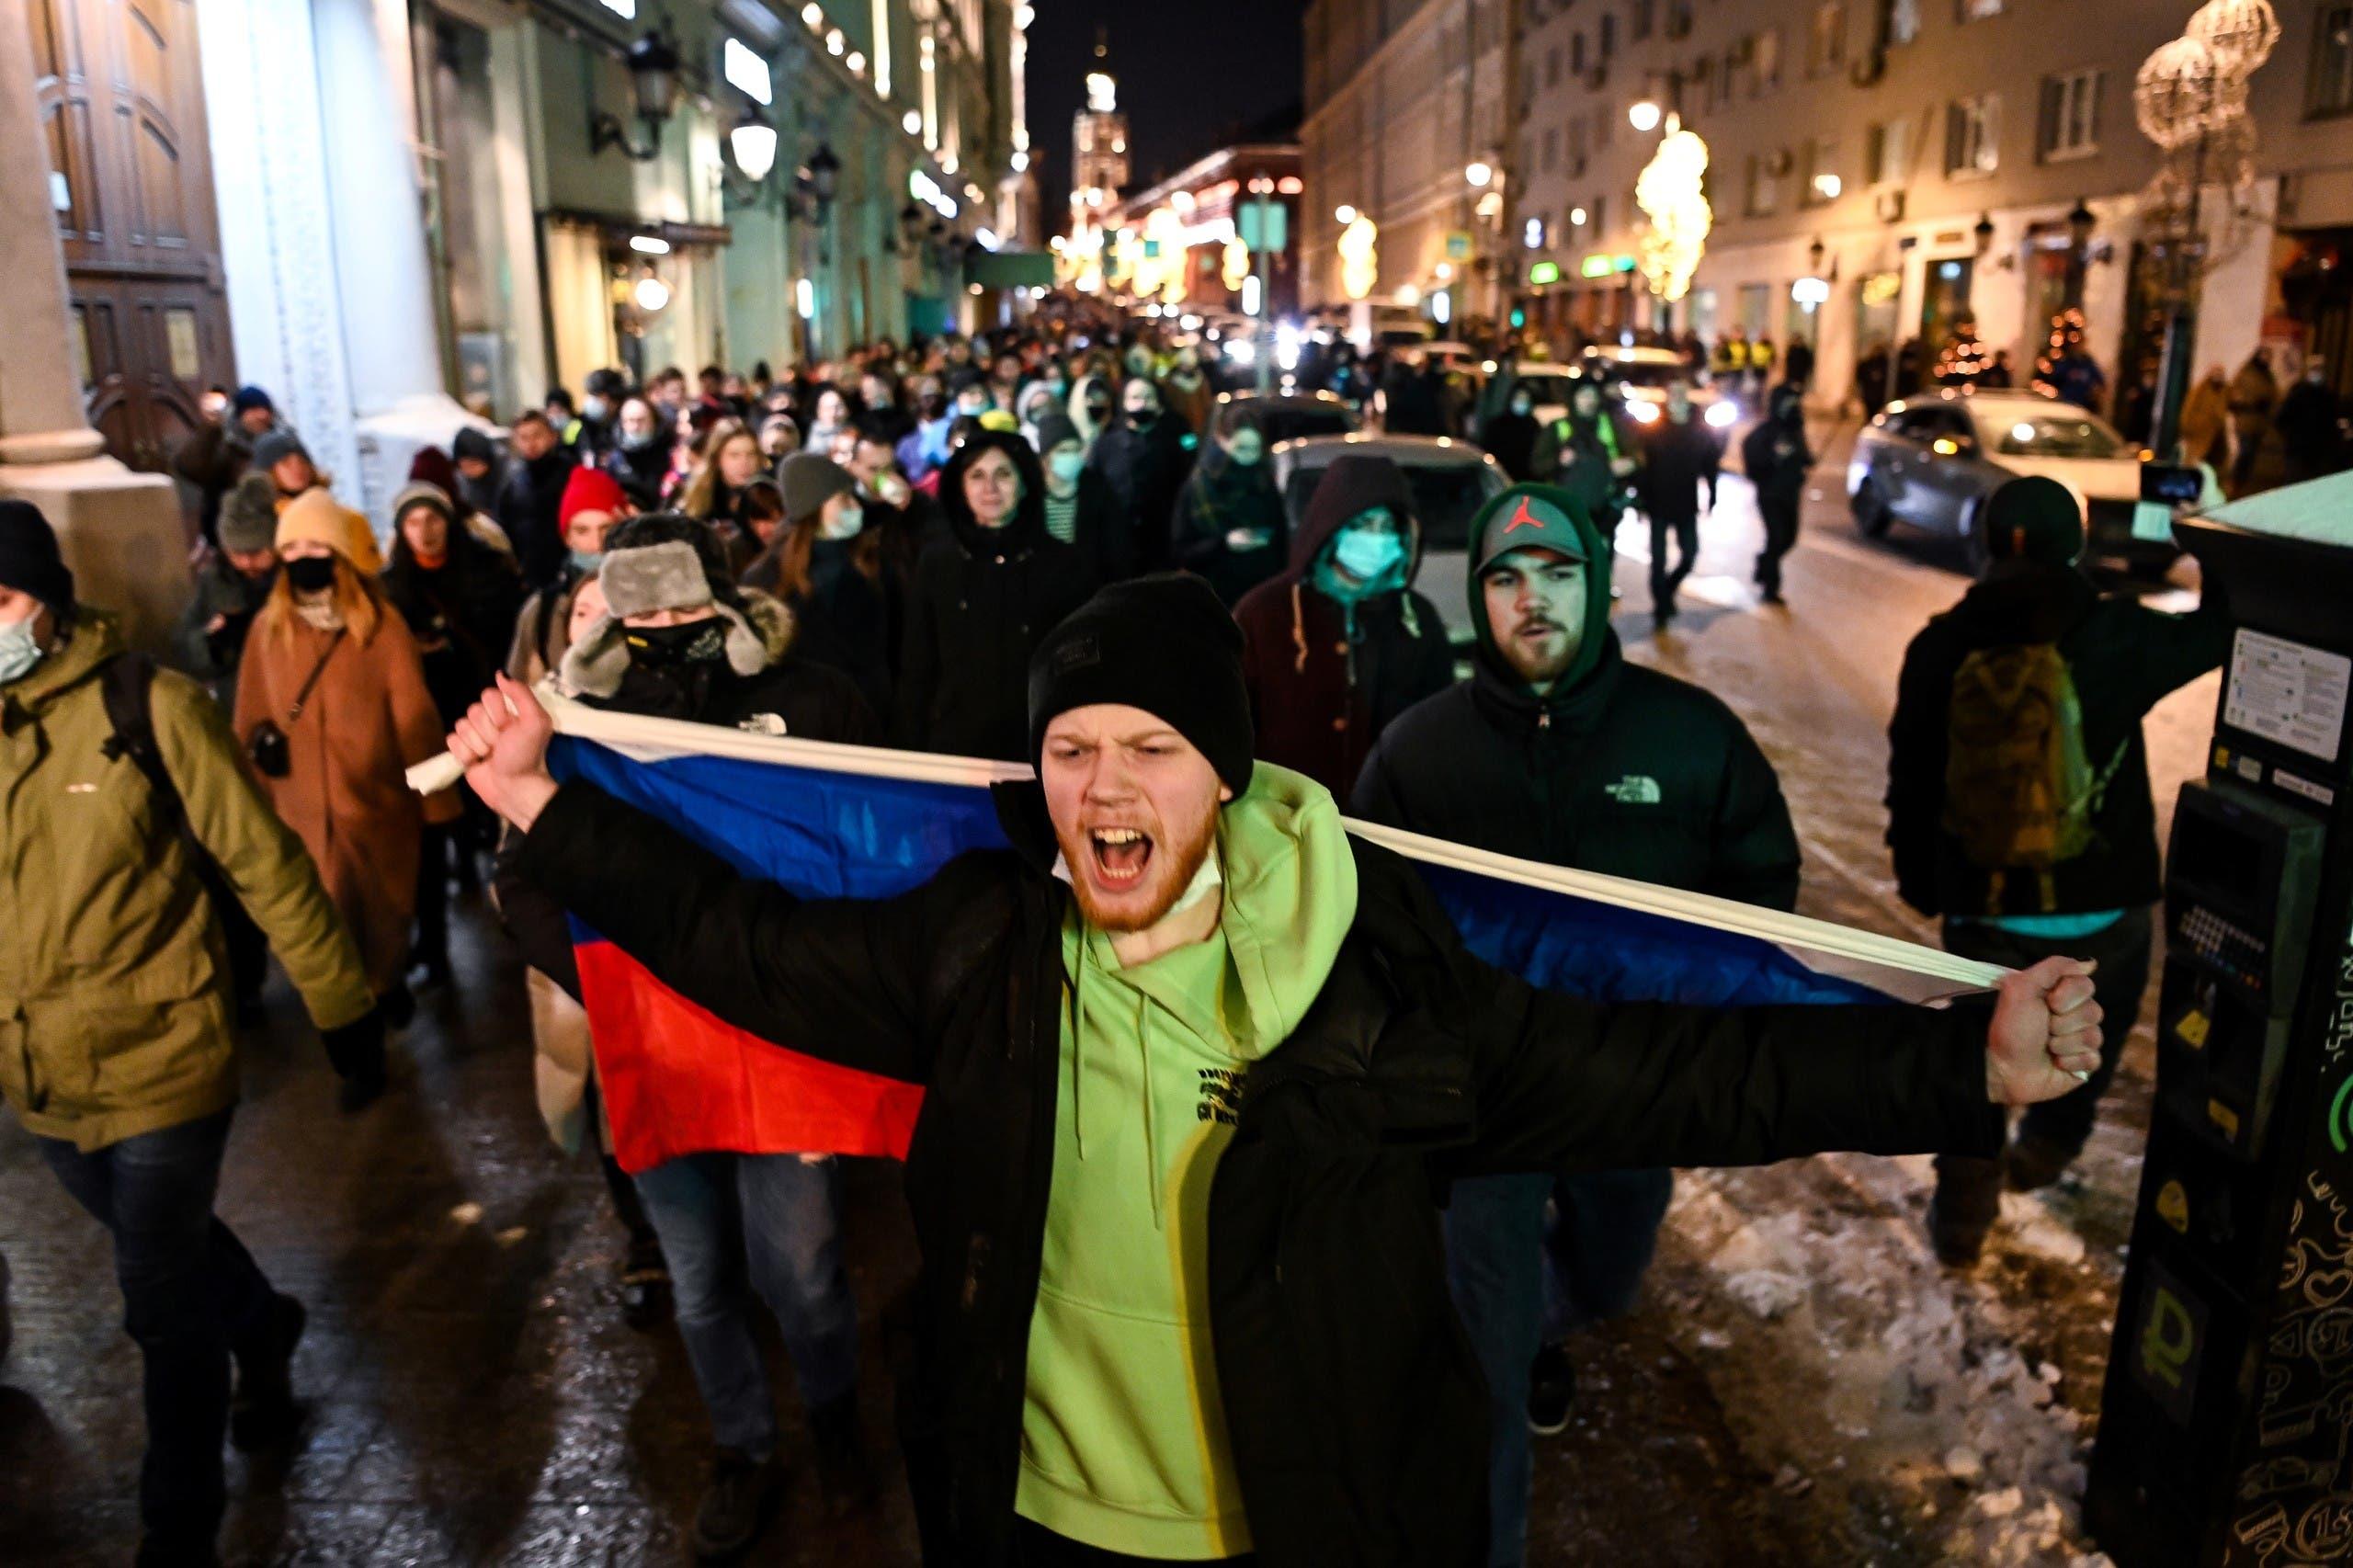 احتجاجات وسط موسكو يوم 2 فبراير